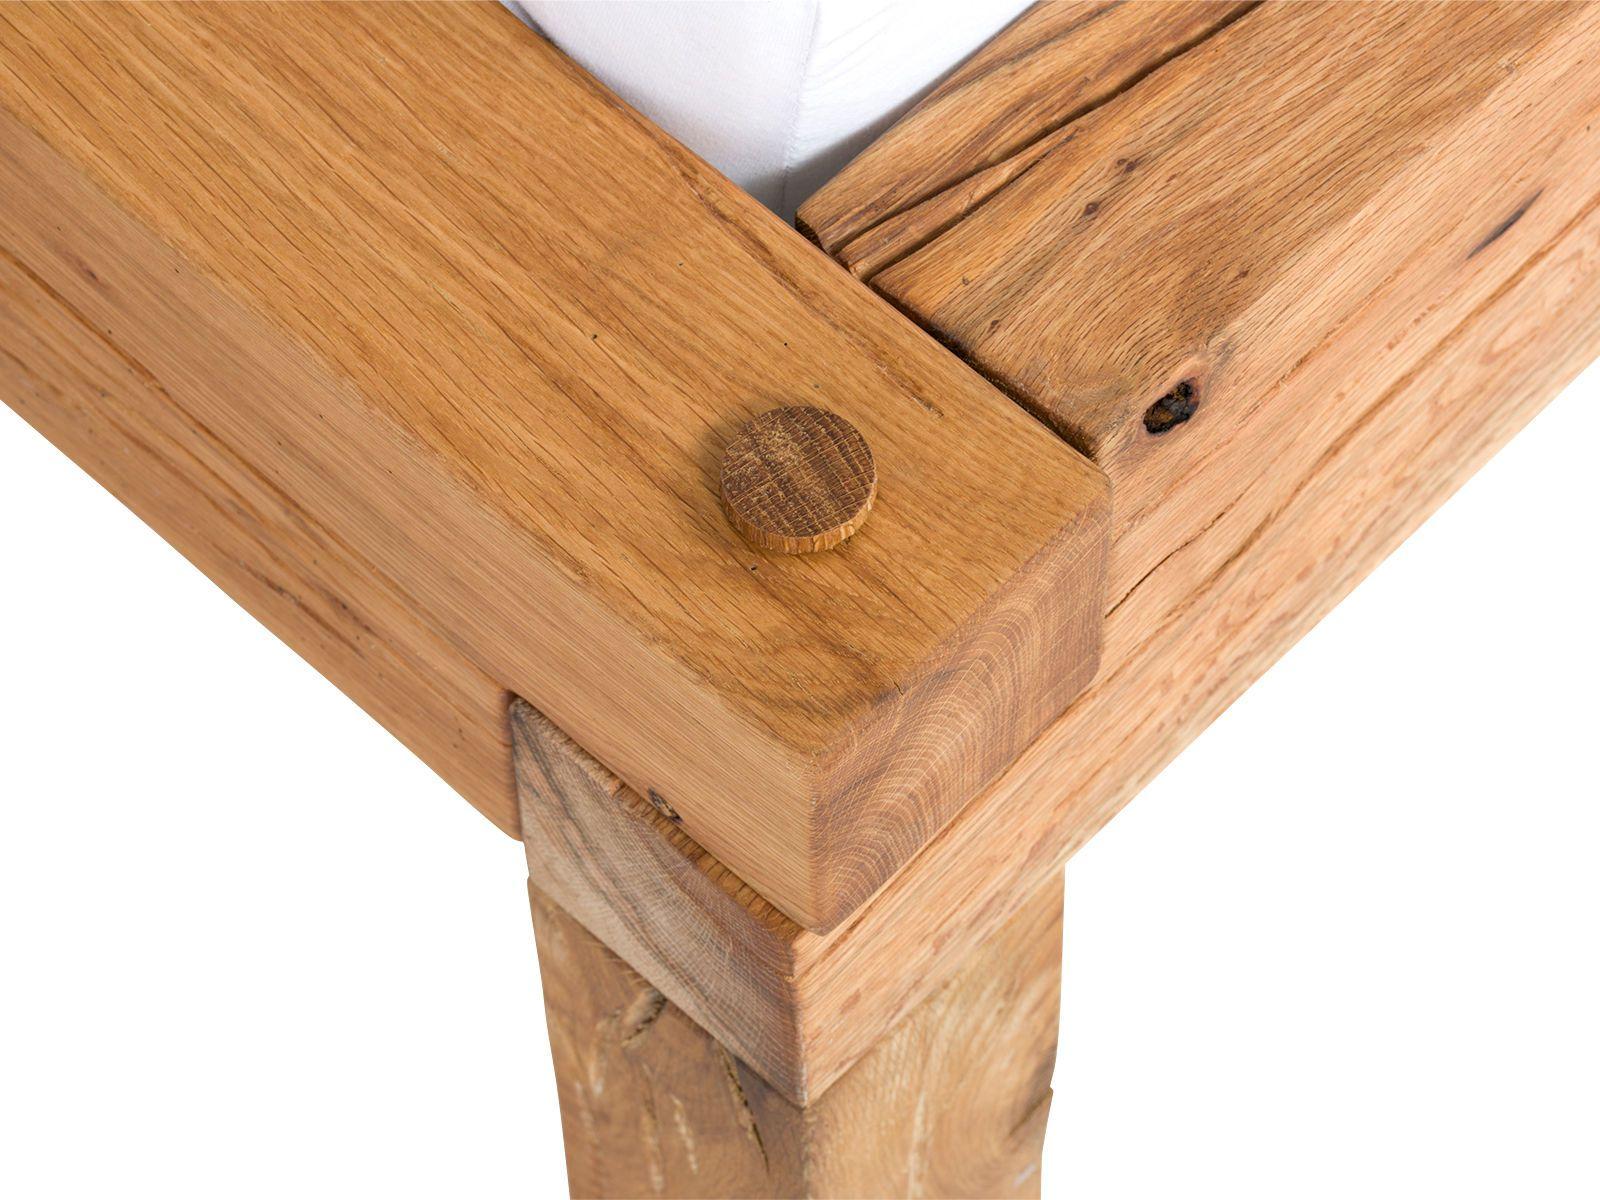 Full Size of Balkenbett Aus Massivholz Vorteile Beispiele Massivum Bett Mit Schubladen Schöne Betten 160x200 Kopfteil 90x200 Weiß Feng Shui Massiv 100x200 Wickelbrett Bett Bett Balken